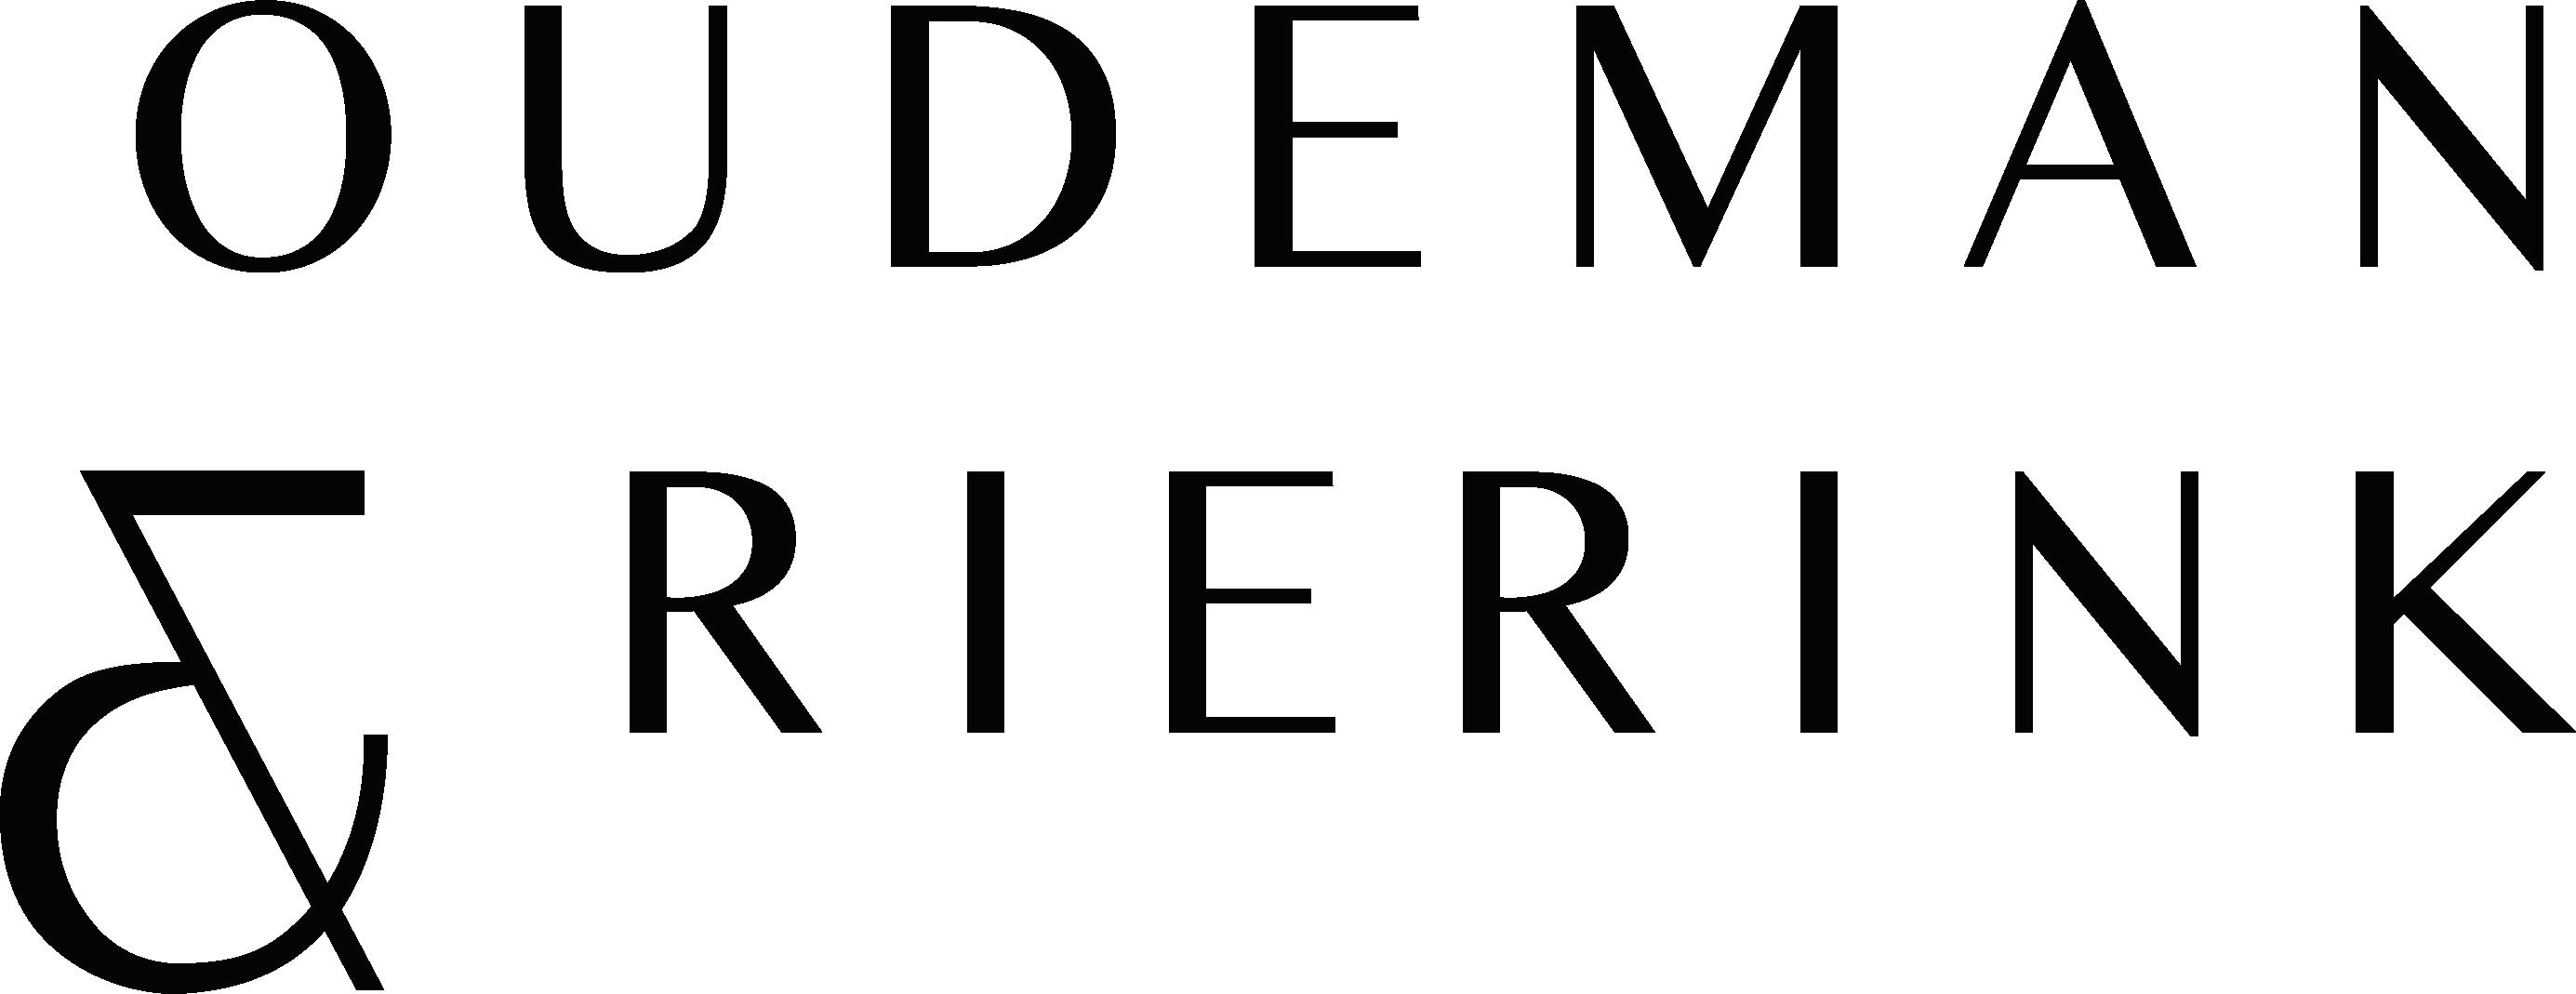 Oudeman & Rierink Logo